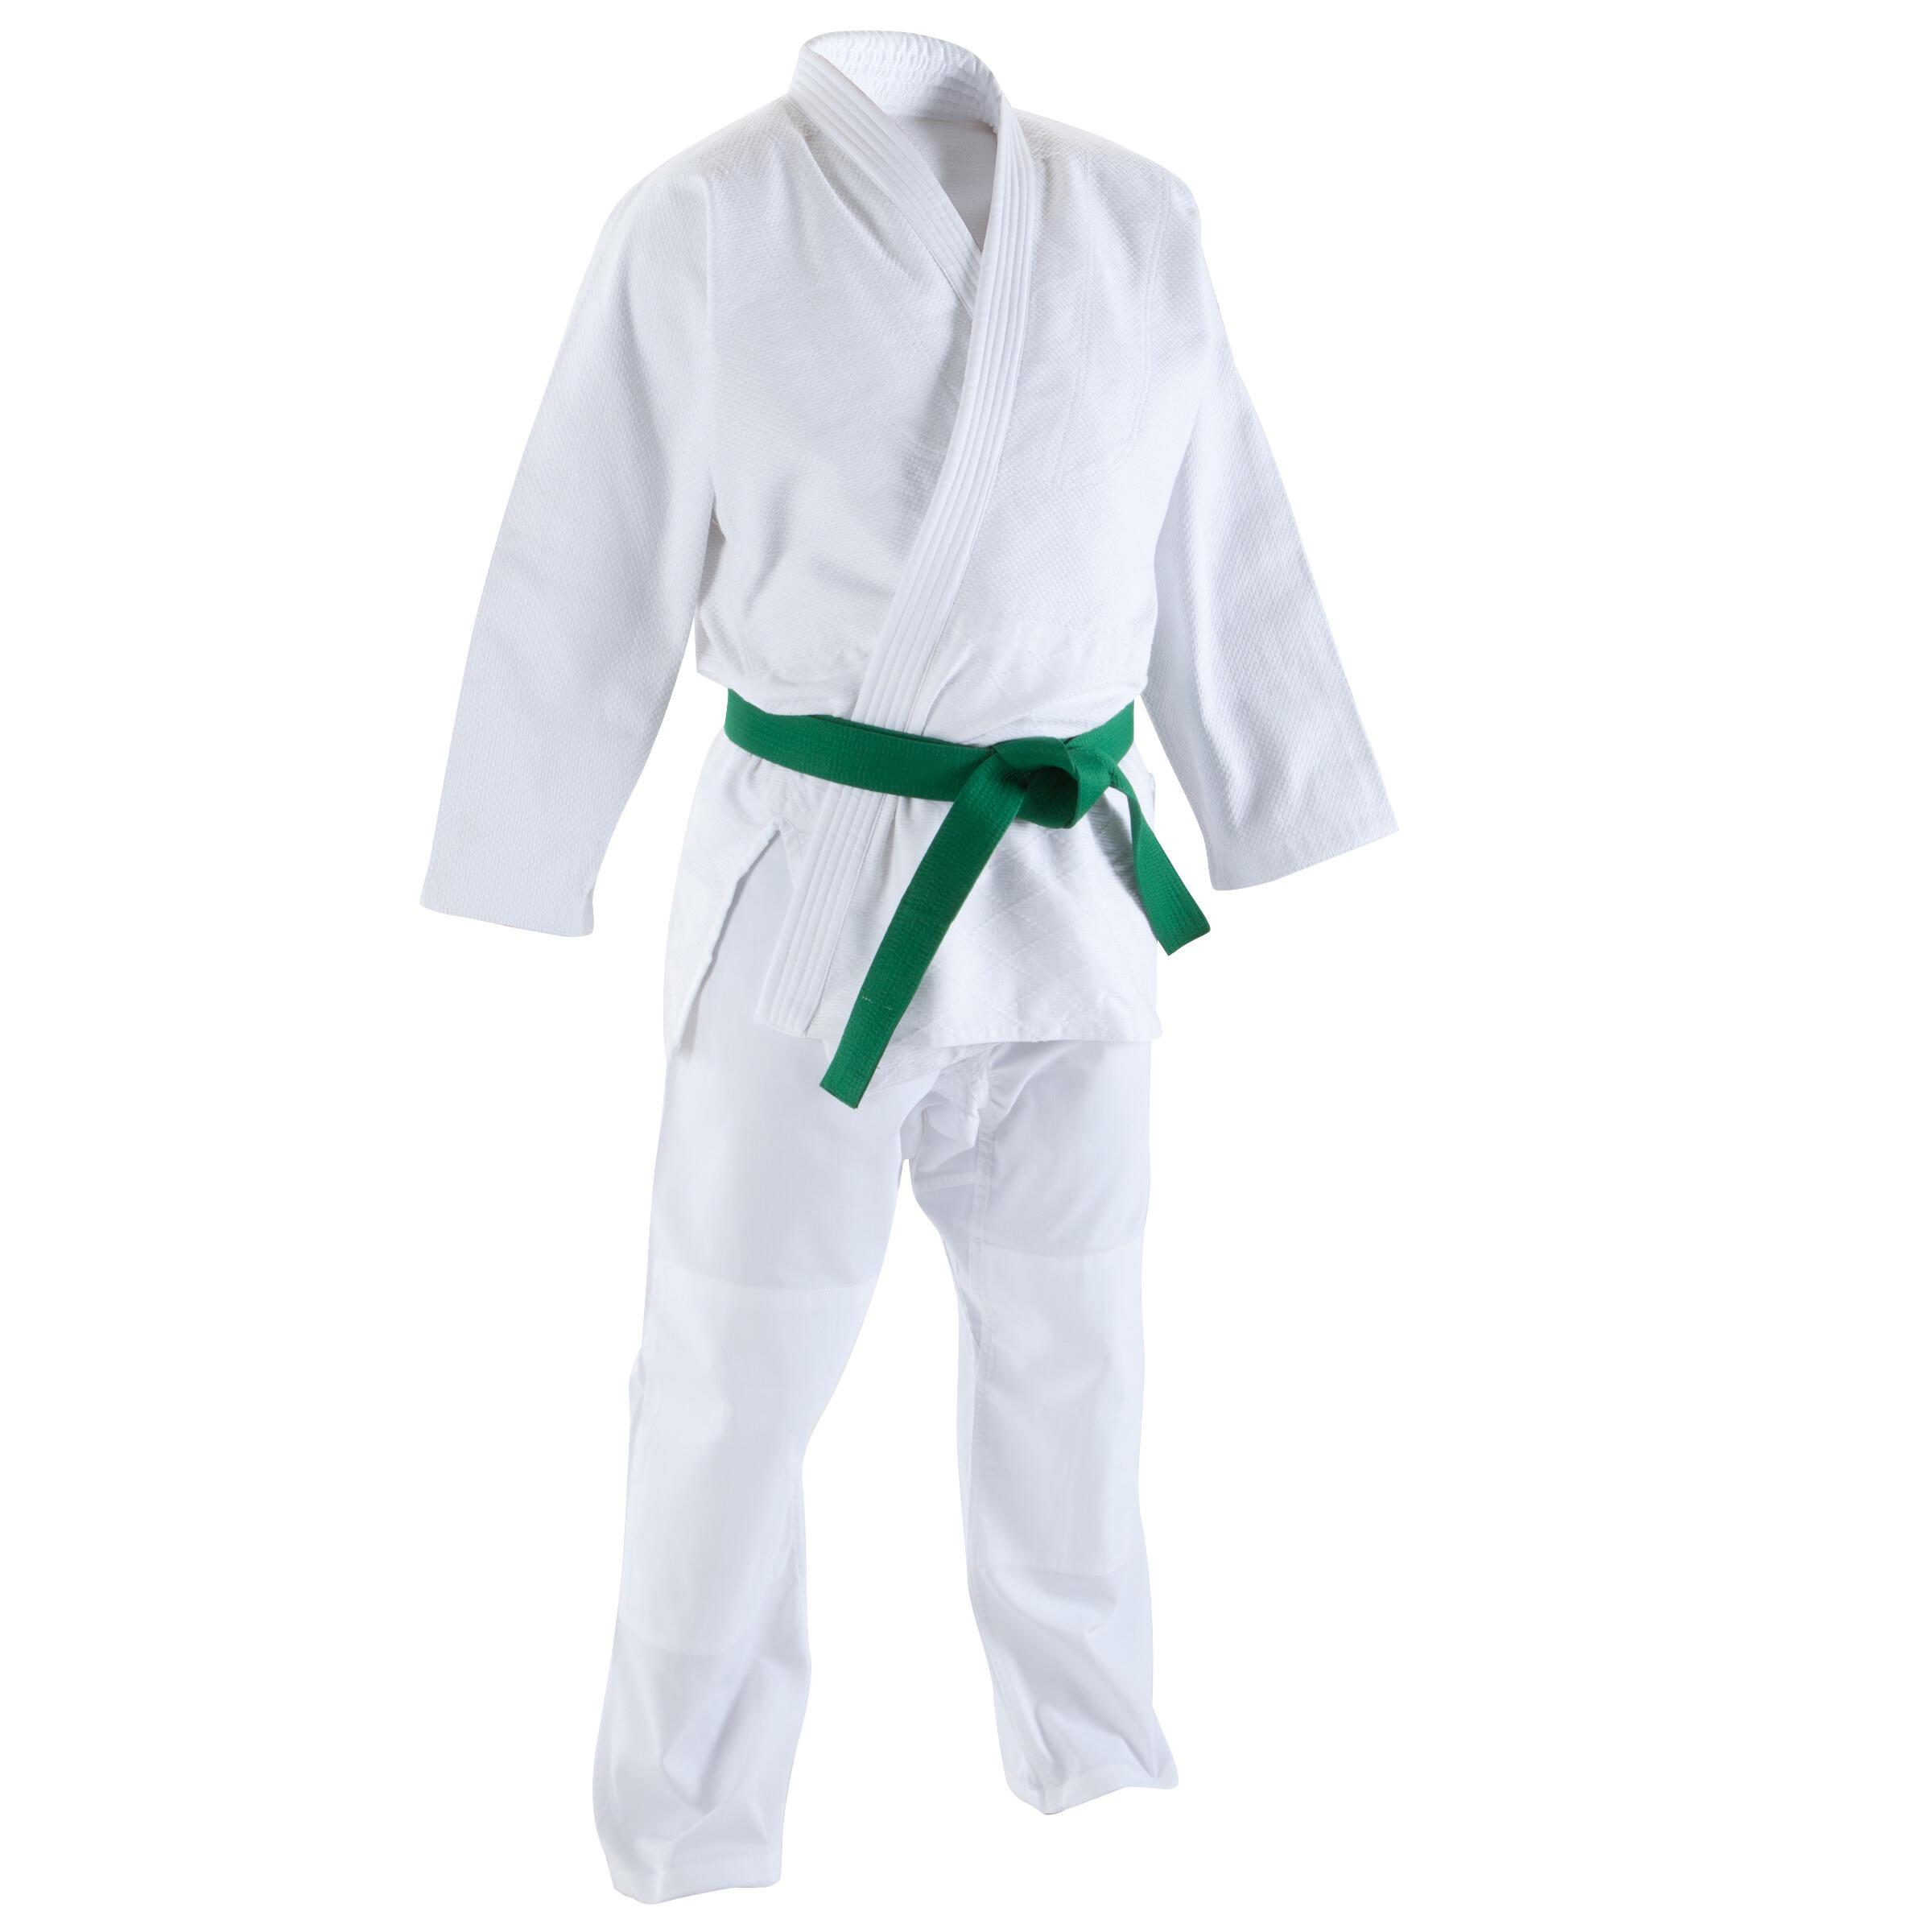 Judoanzug 440 Erwachsene | Sportbekleidung > Sportanzüge > Judoanzüge | Weiß | Polyester - Baumwolle | Domyos